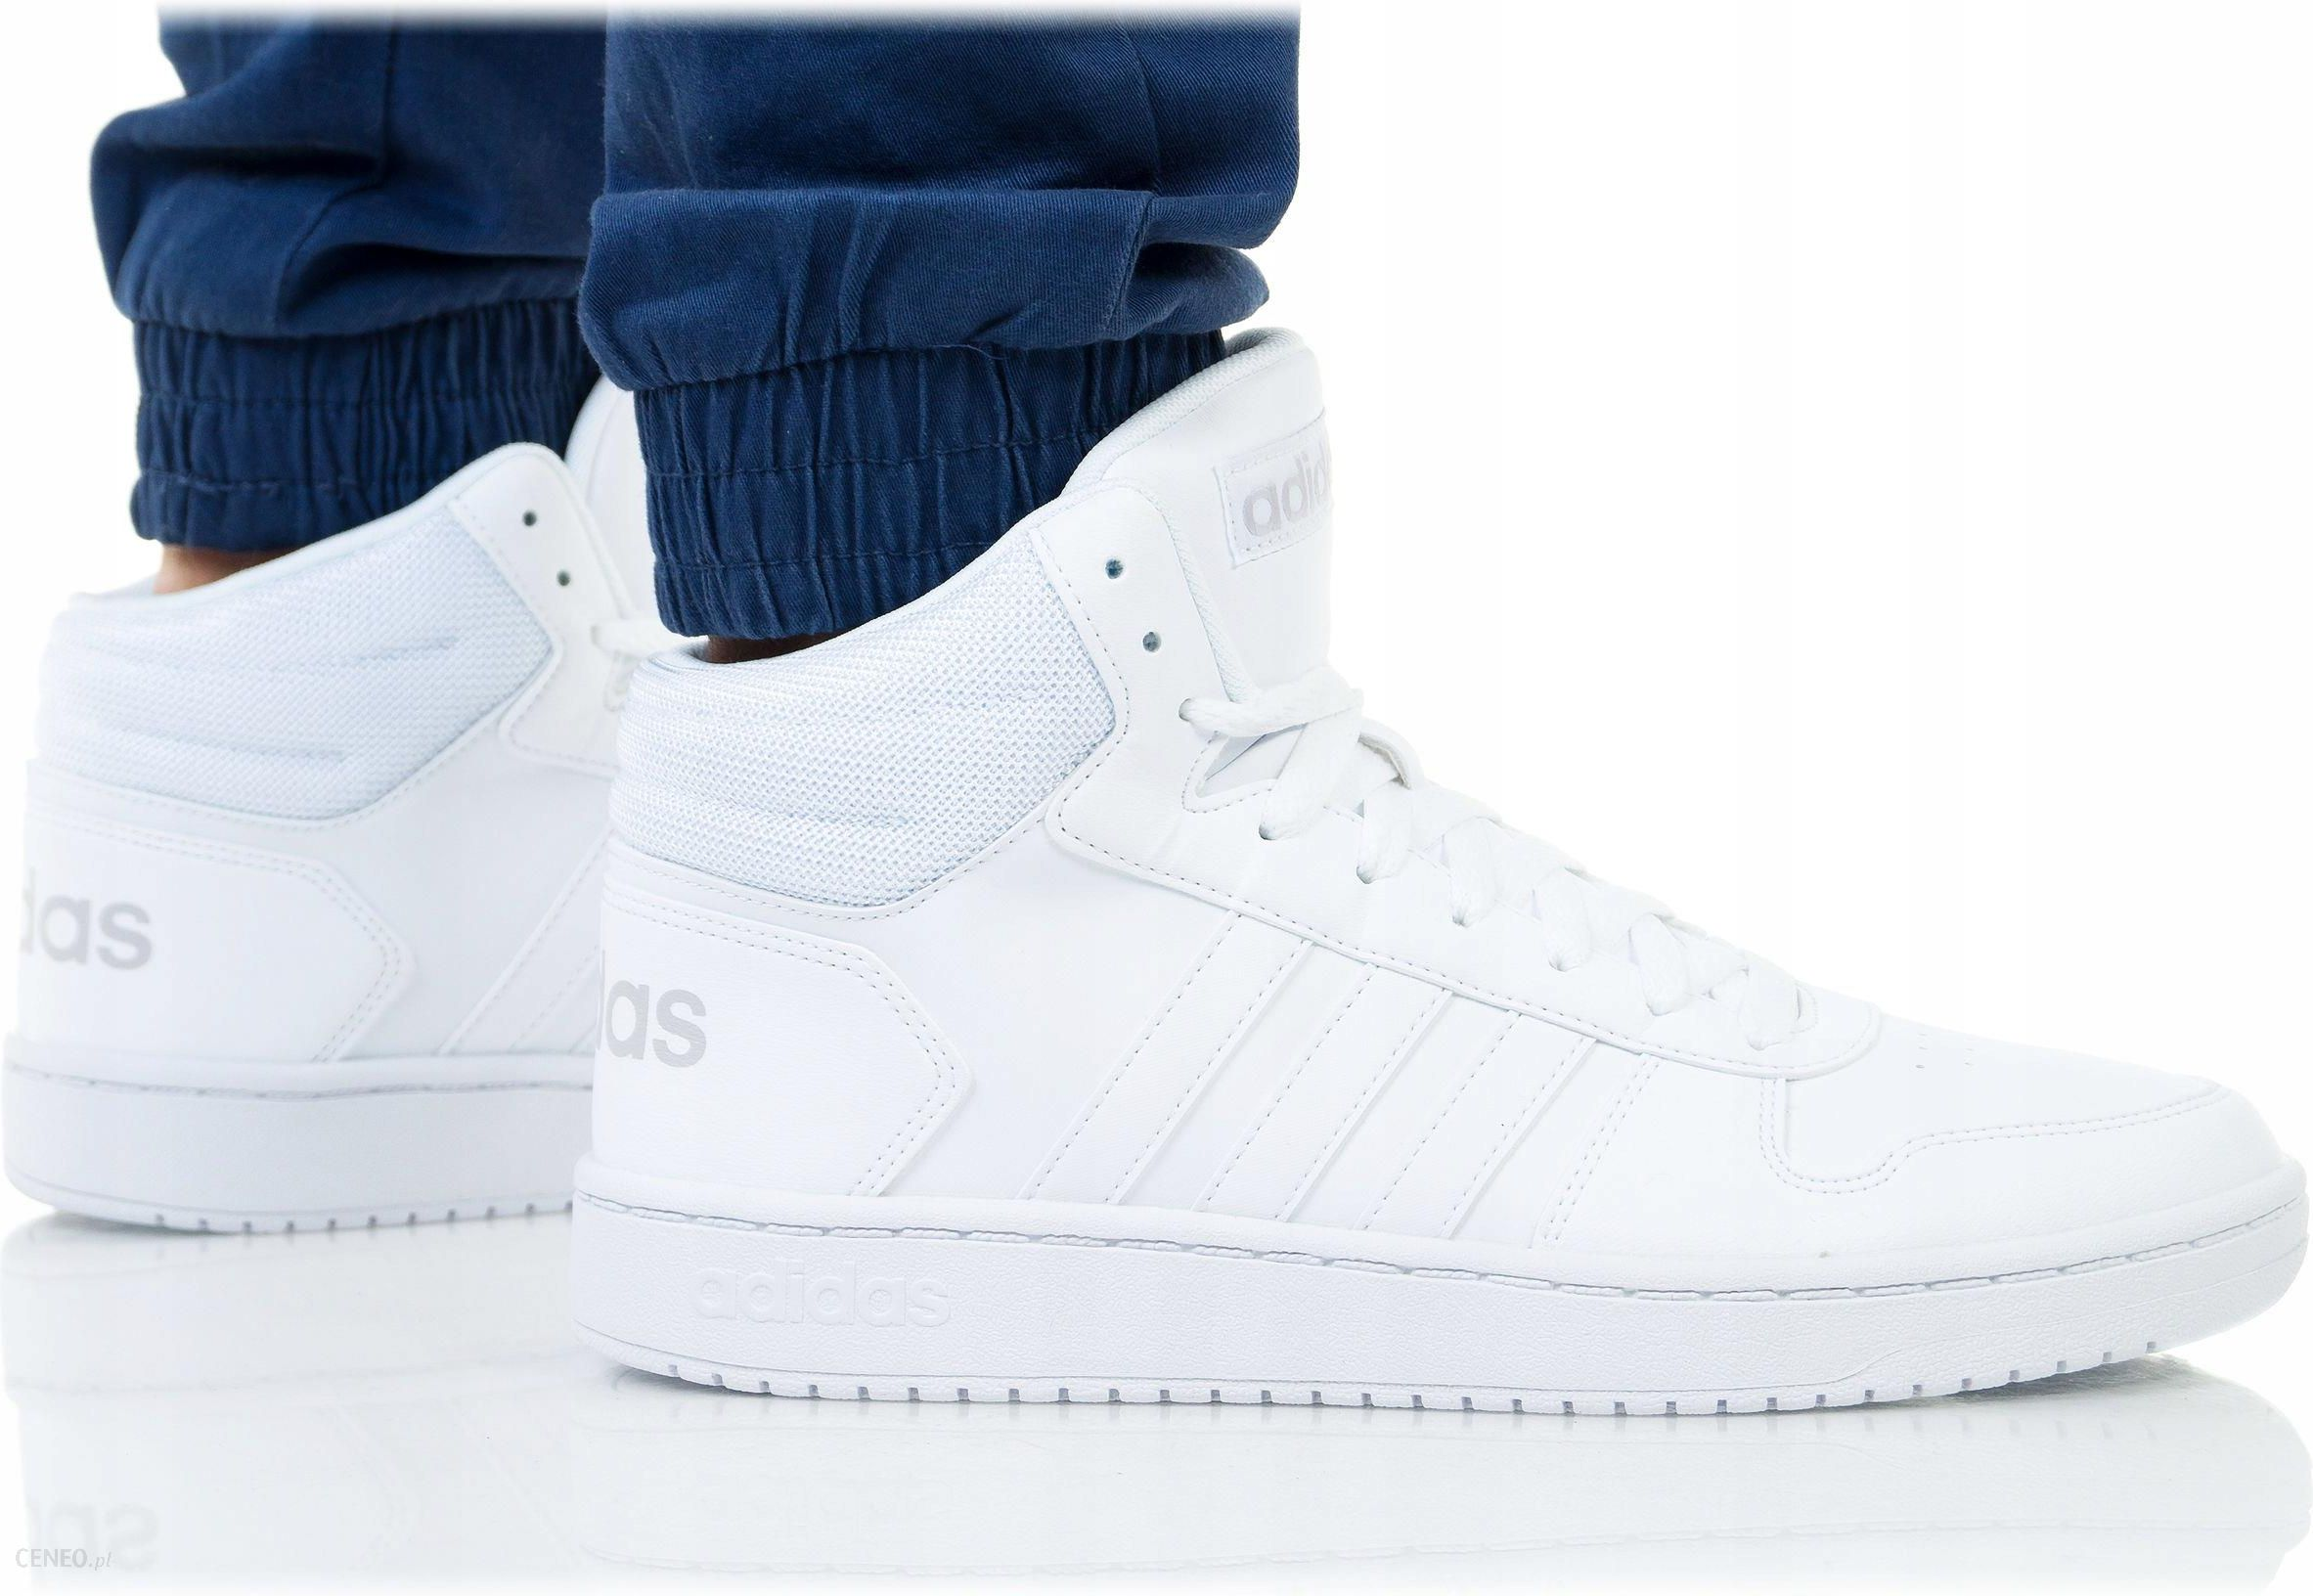 Buty Adidas Hoops 2.0 MID Męskie B44664 Białe Ceny i opinie Ceneo.pl